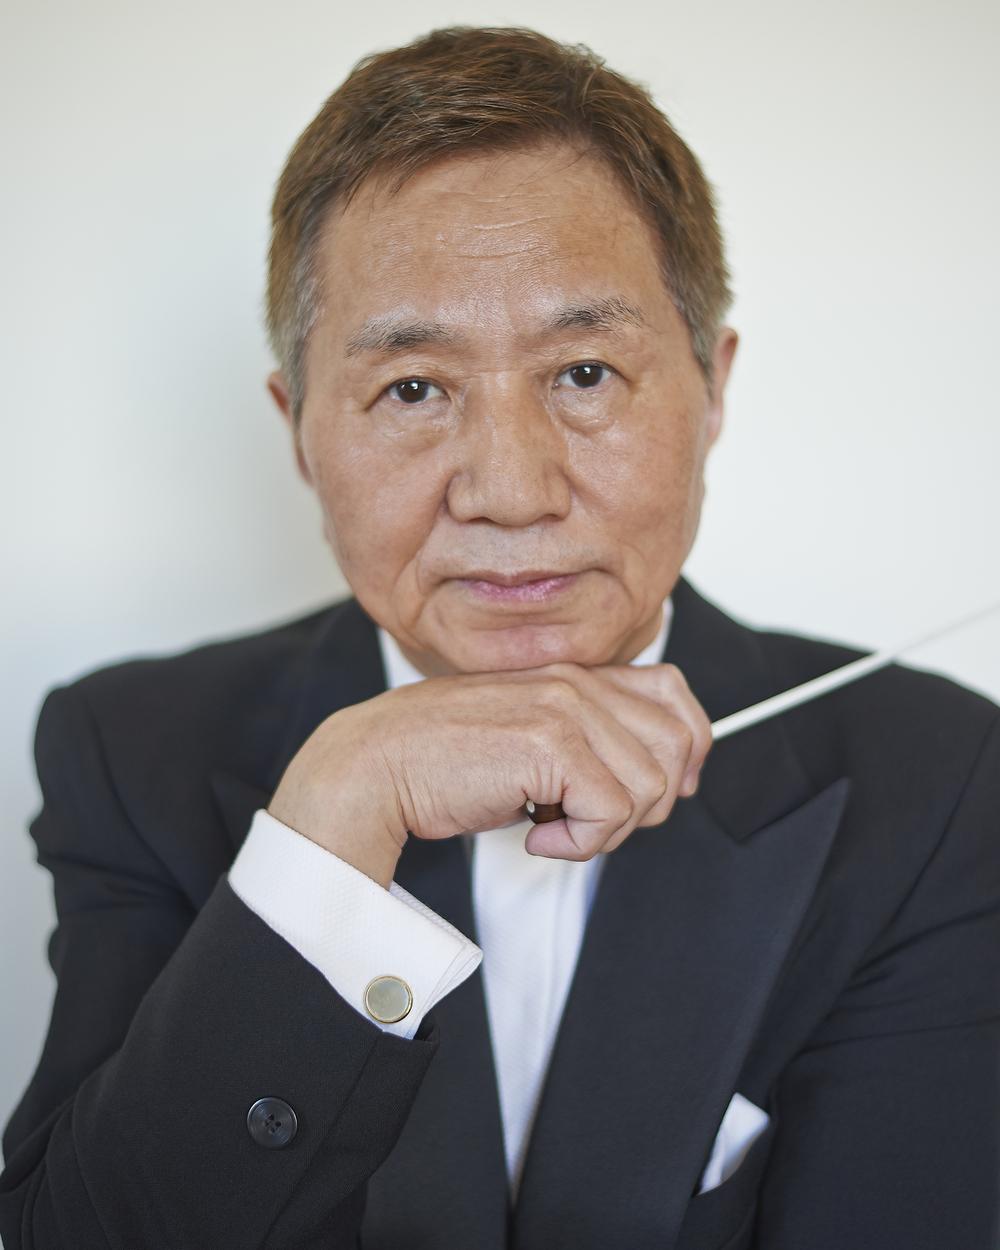 20150117_MR_TAKAHARA4177.jpg